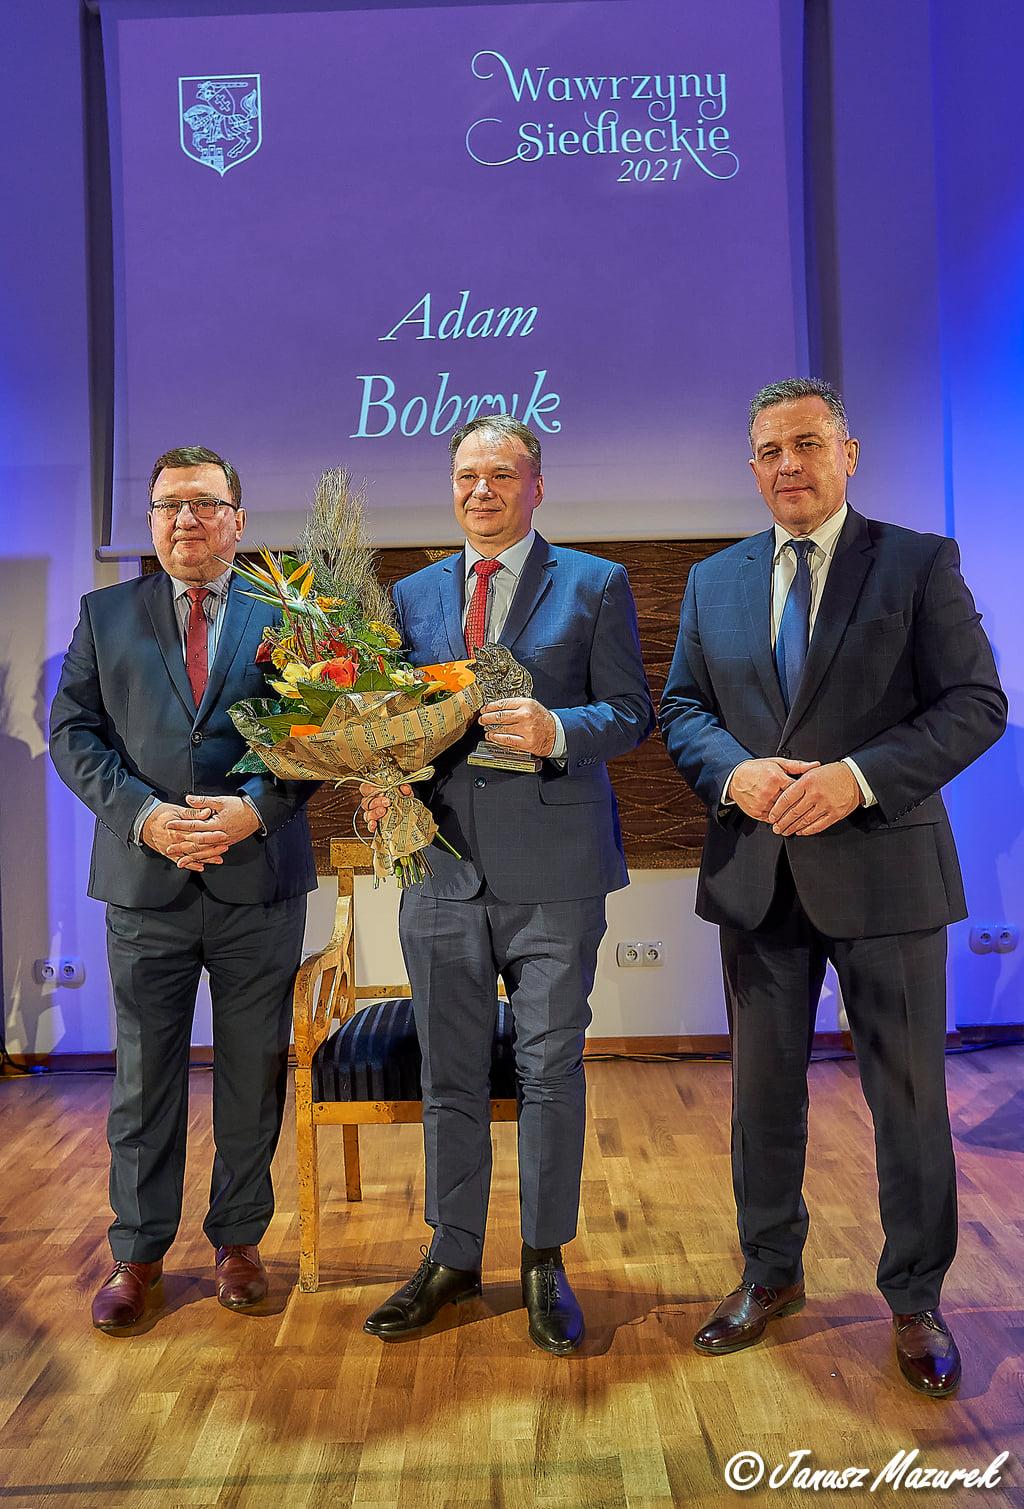 Postać profesora Adama Bobryka oraz osoby wręczające nagrodę